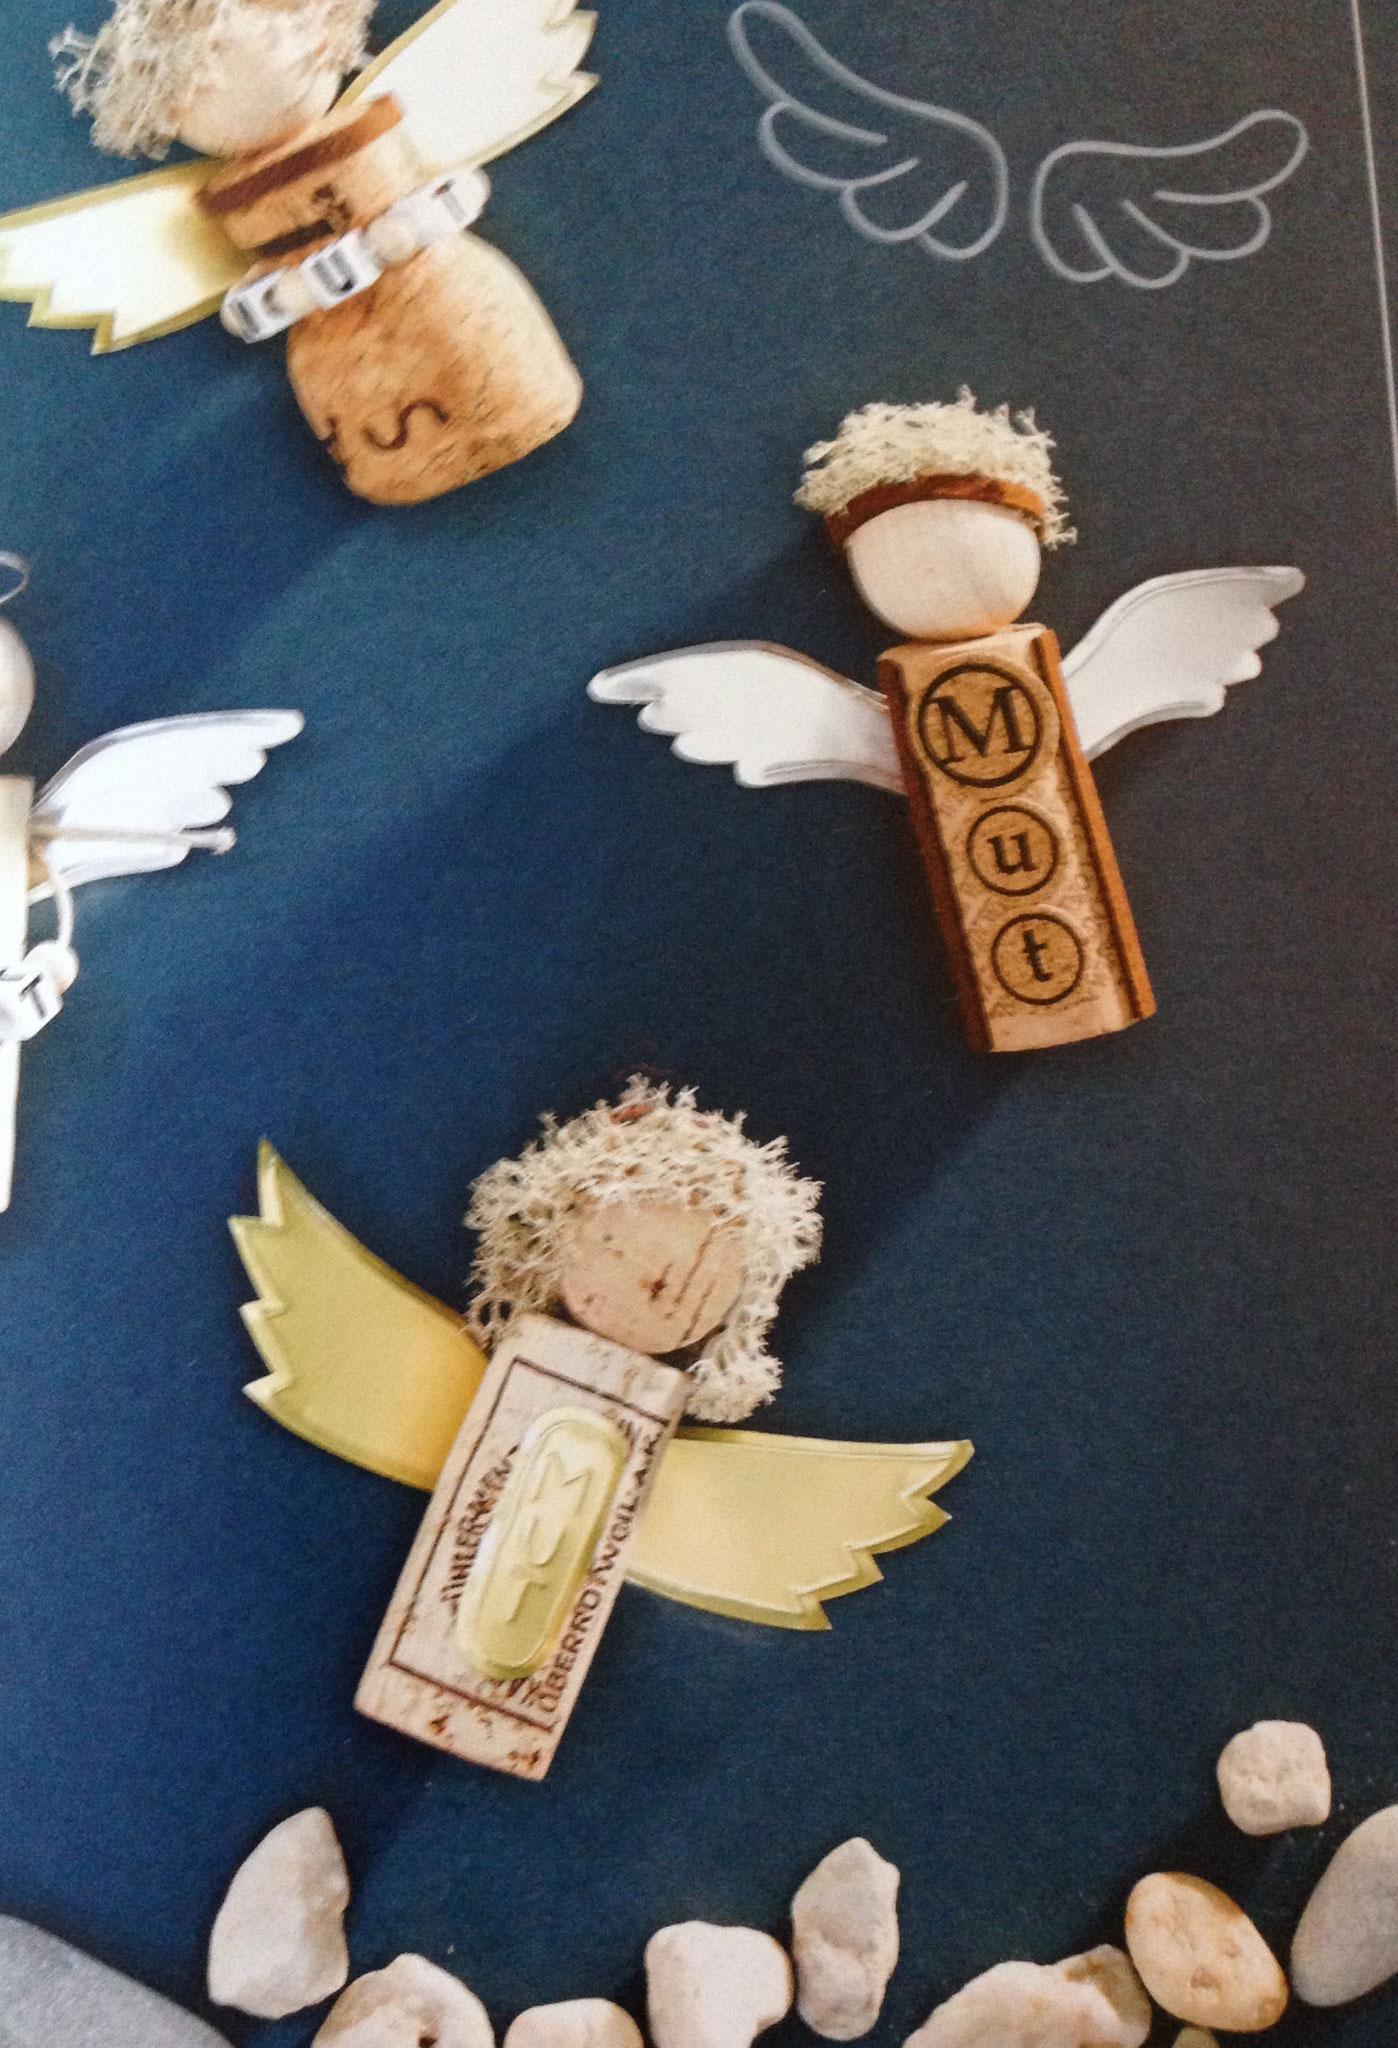 Zapfen-Engel Beispiels-Bild Buch Topp-Verlag